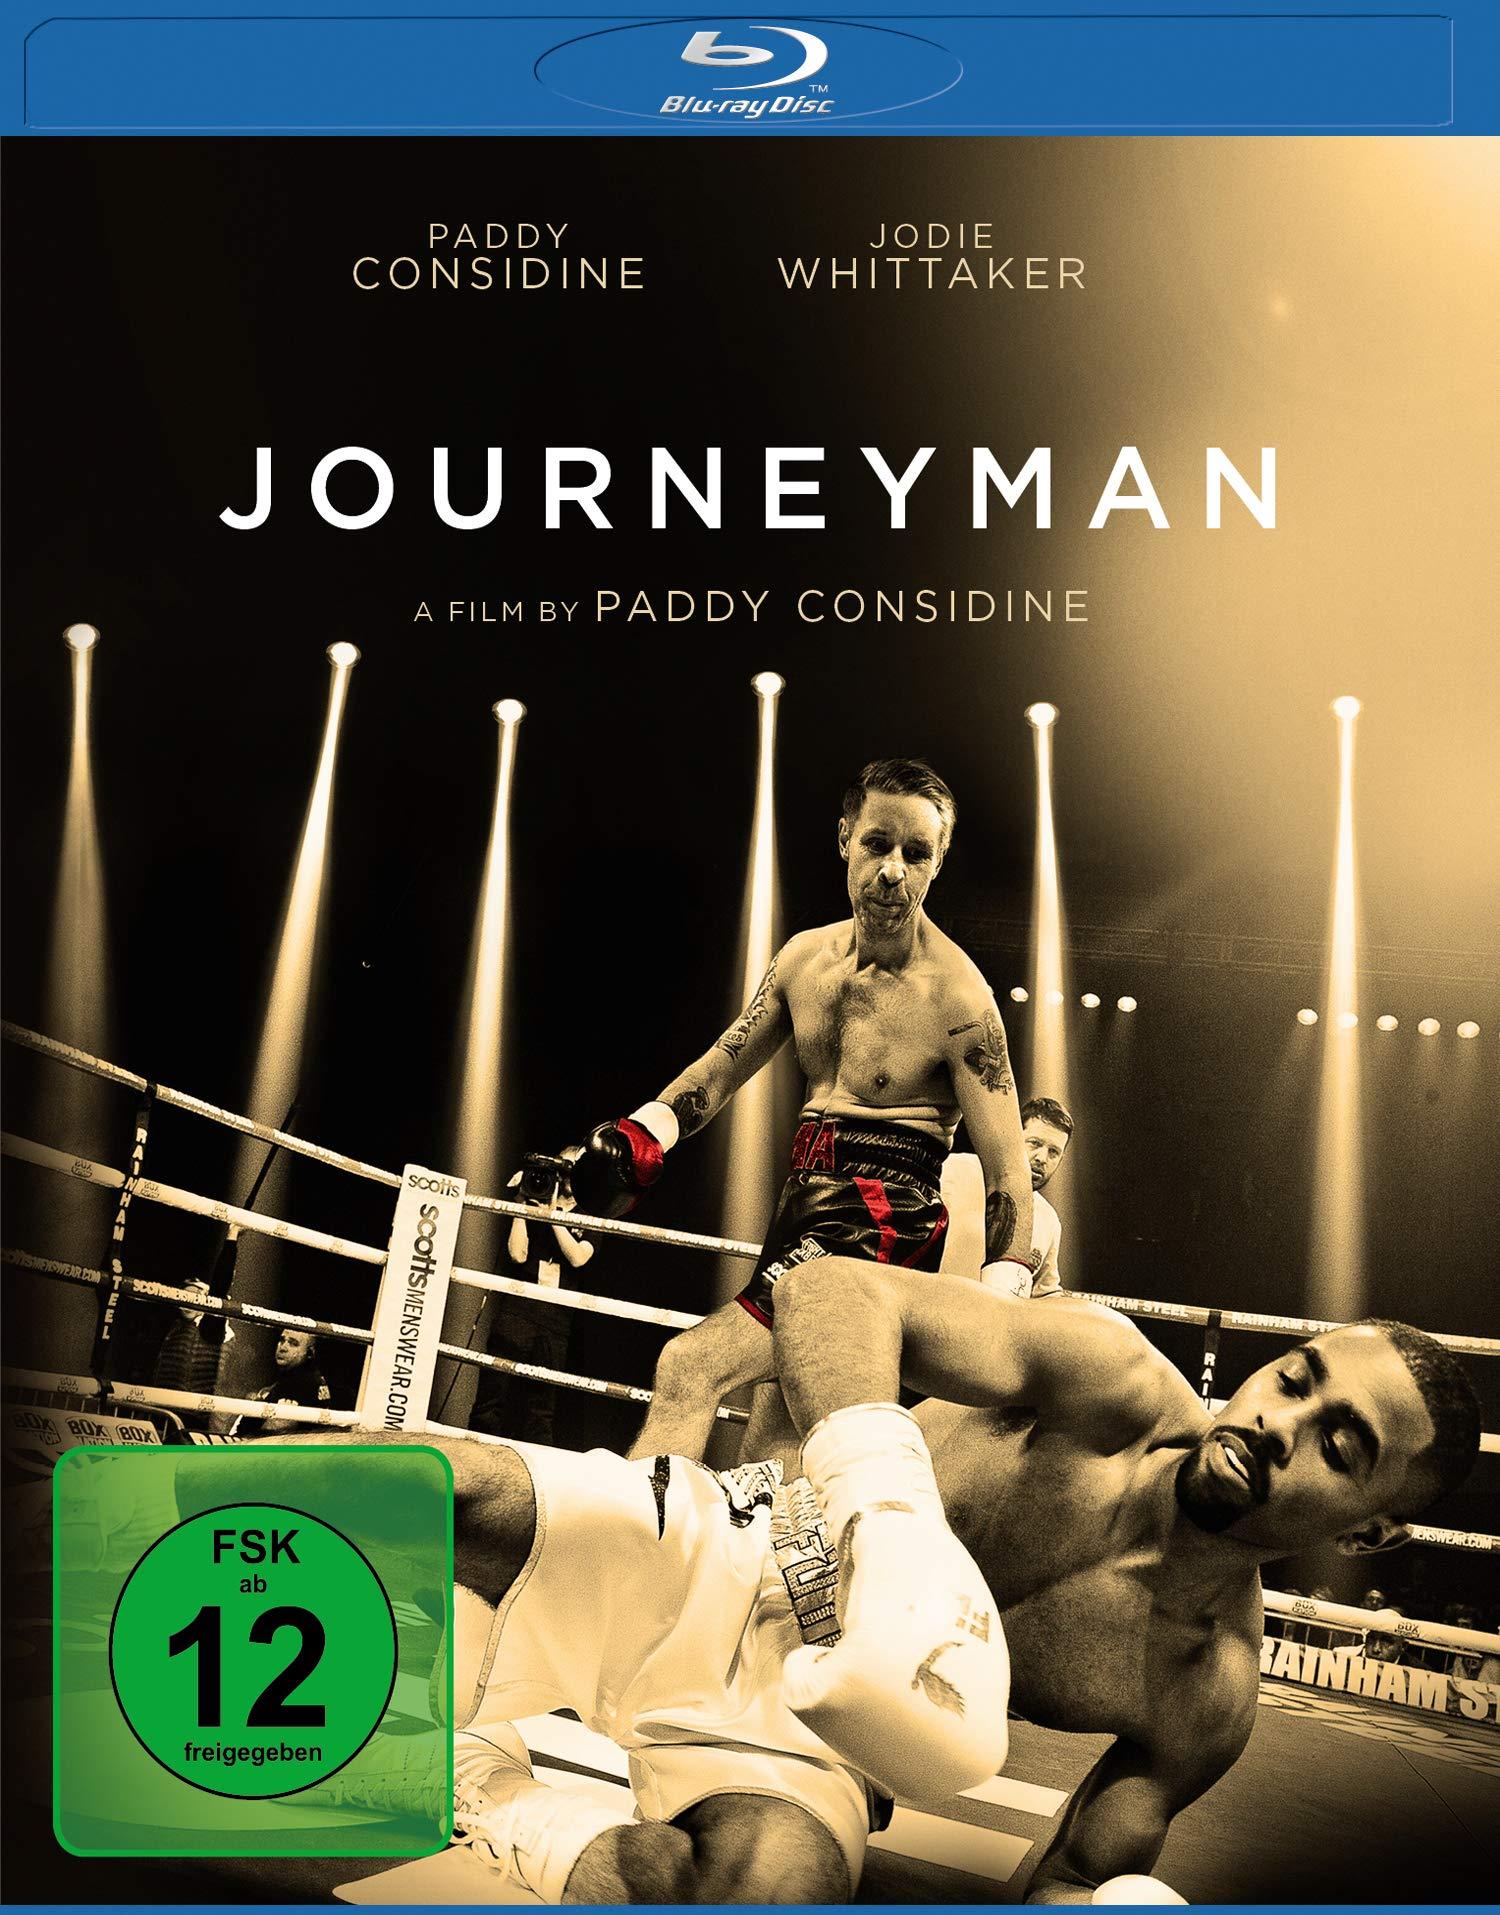 download Journeyman.2017.German.DTS.DL.1080p.BluRay.x265-UNFIrED